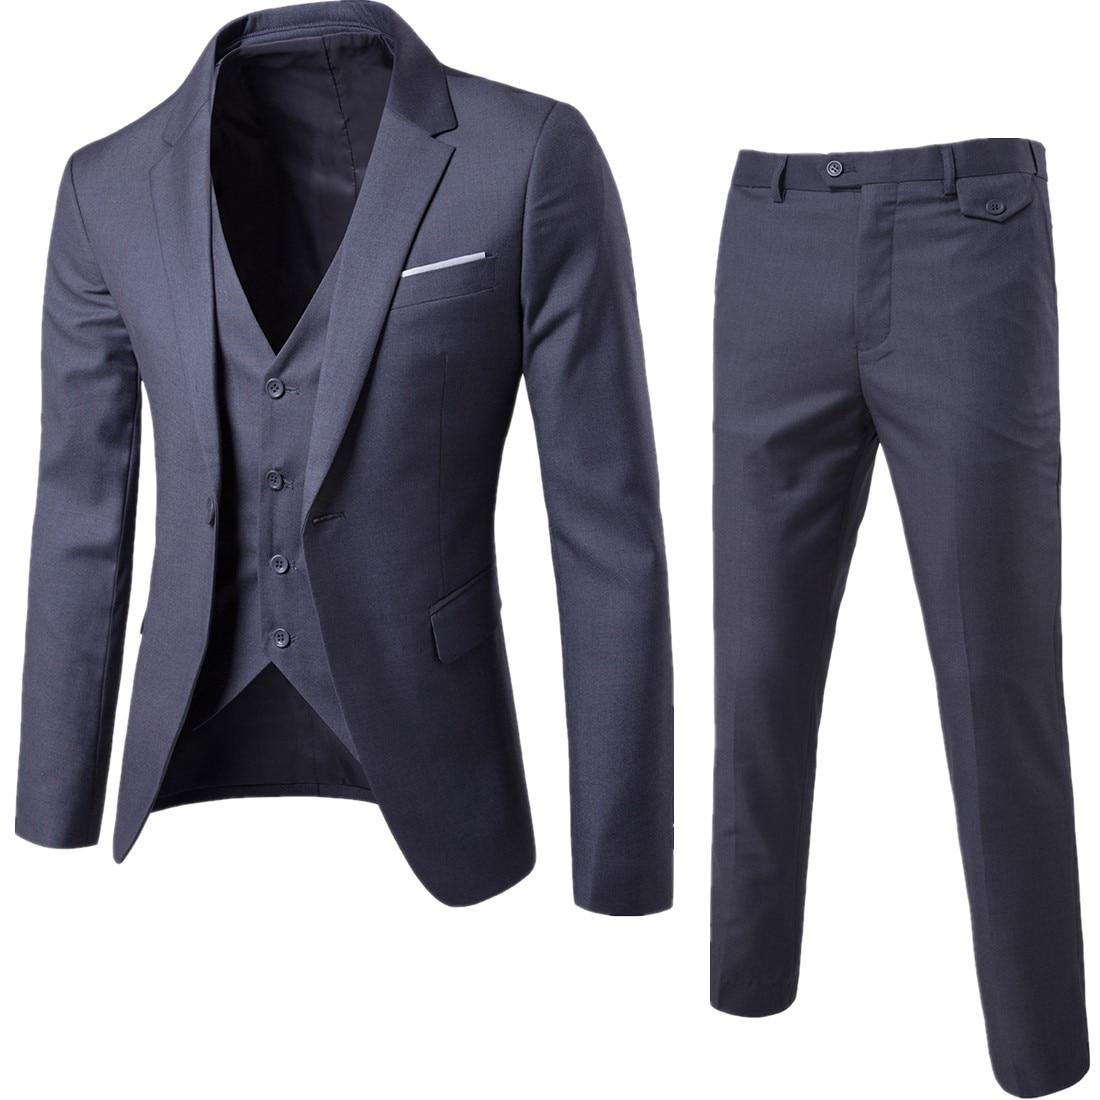 Costumes pourpre Mid Hommes 2018 Veste light Blue dark Grey Plus rouge Vestes Mariage Blue ardoisé darker 4xl 5xl Fête Slim 6xl Fit Nouveau Set Pantalon Classique D'affaires De Costume Red 1 noir RXnf5f